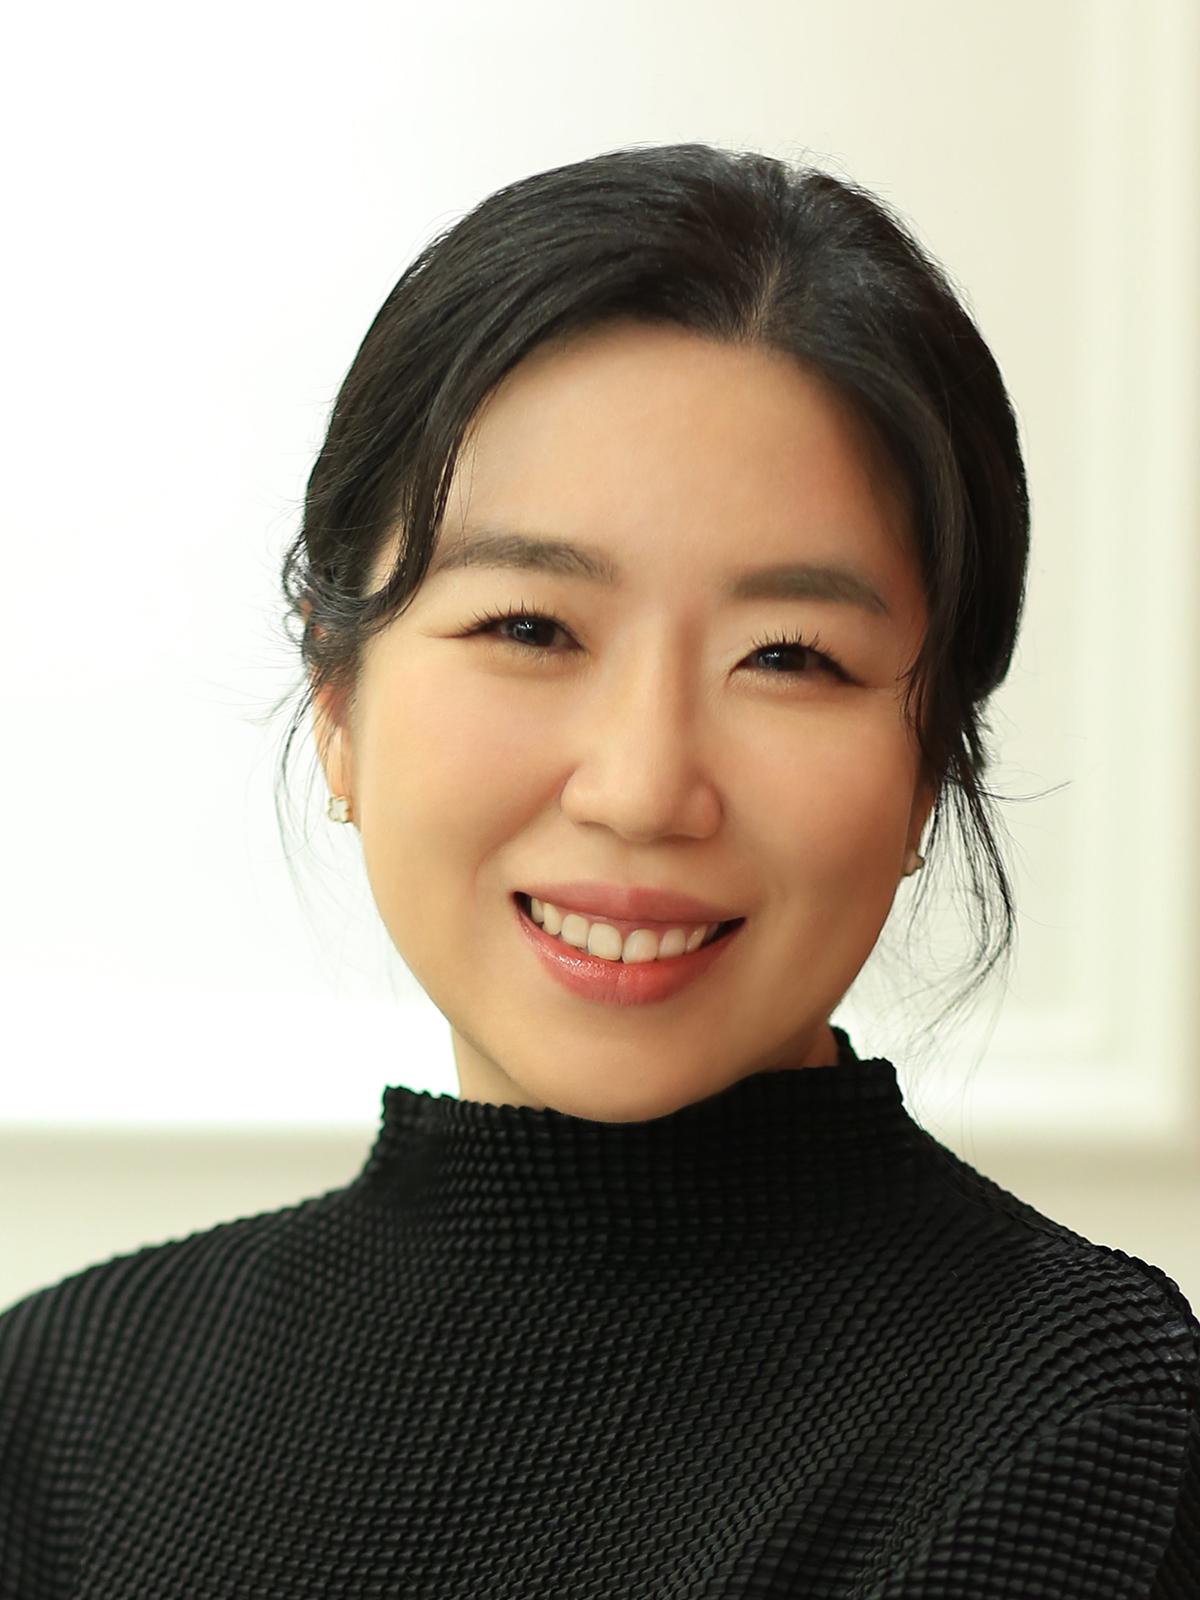 홍은정 교수 증명사진